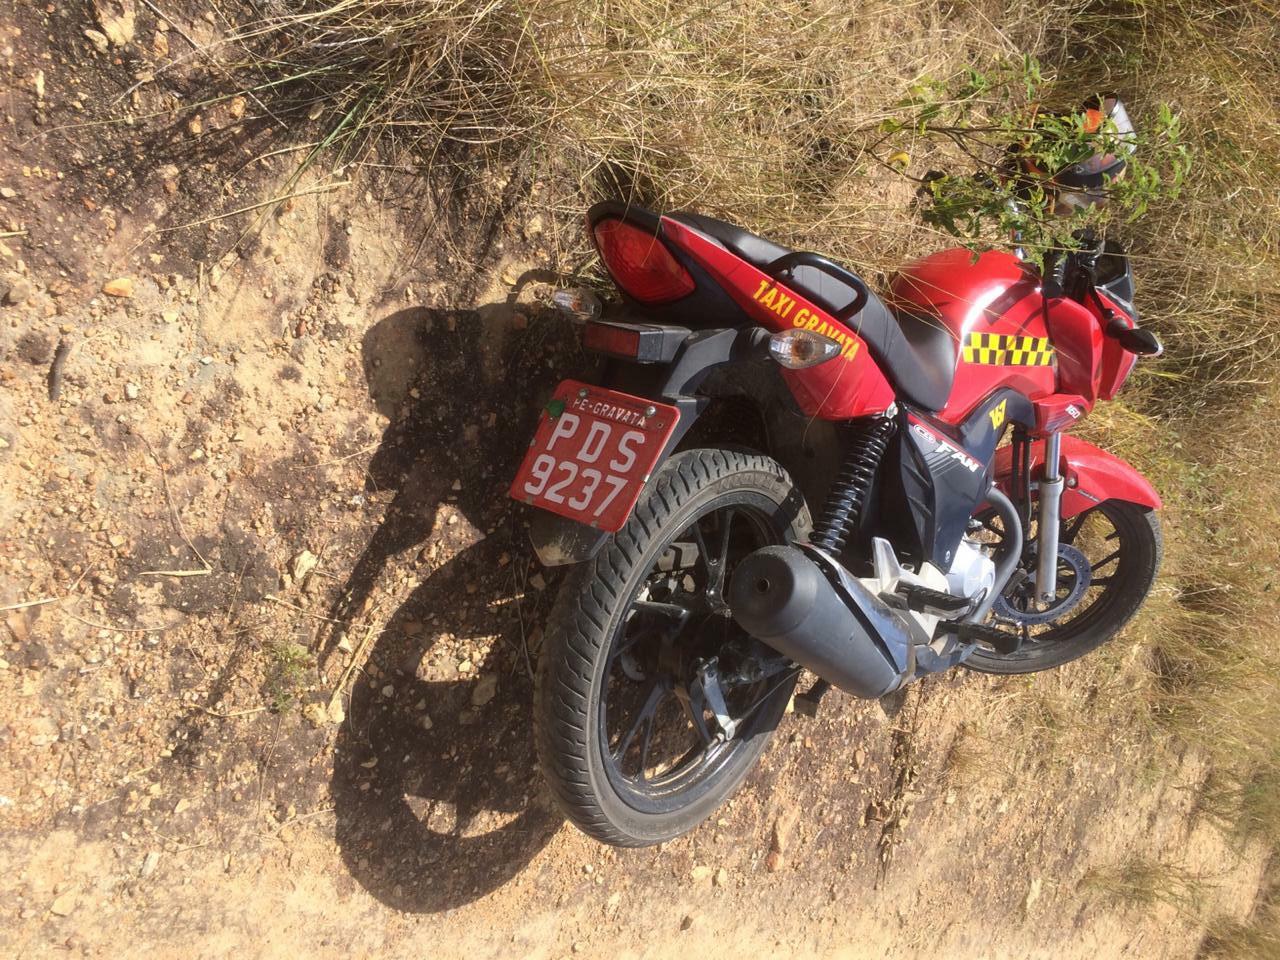 Moto de mototaxista roubada em Gravatá é localizada em Pombos - pernambuconoticias.com.br